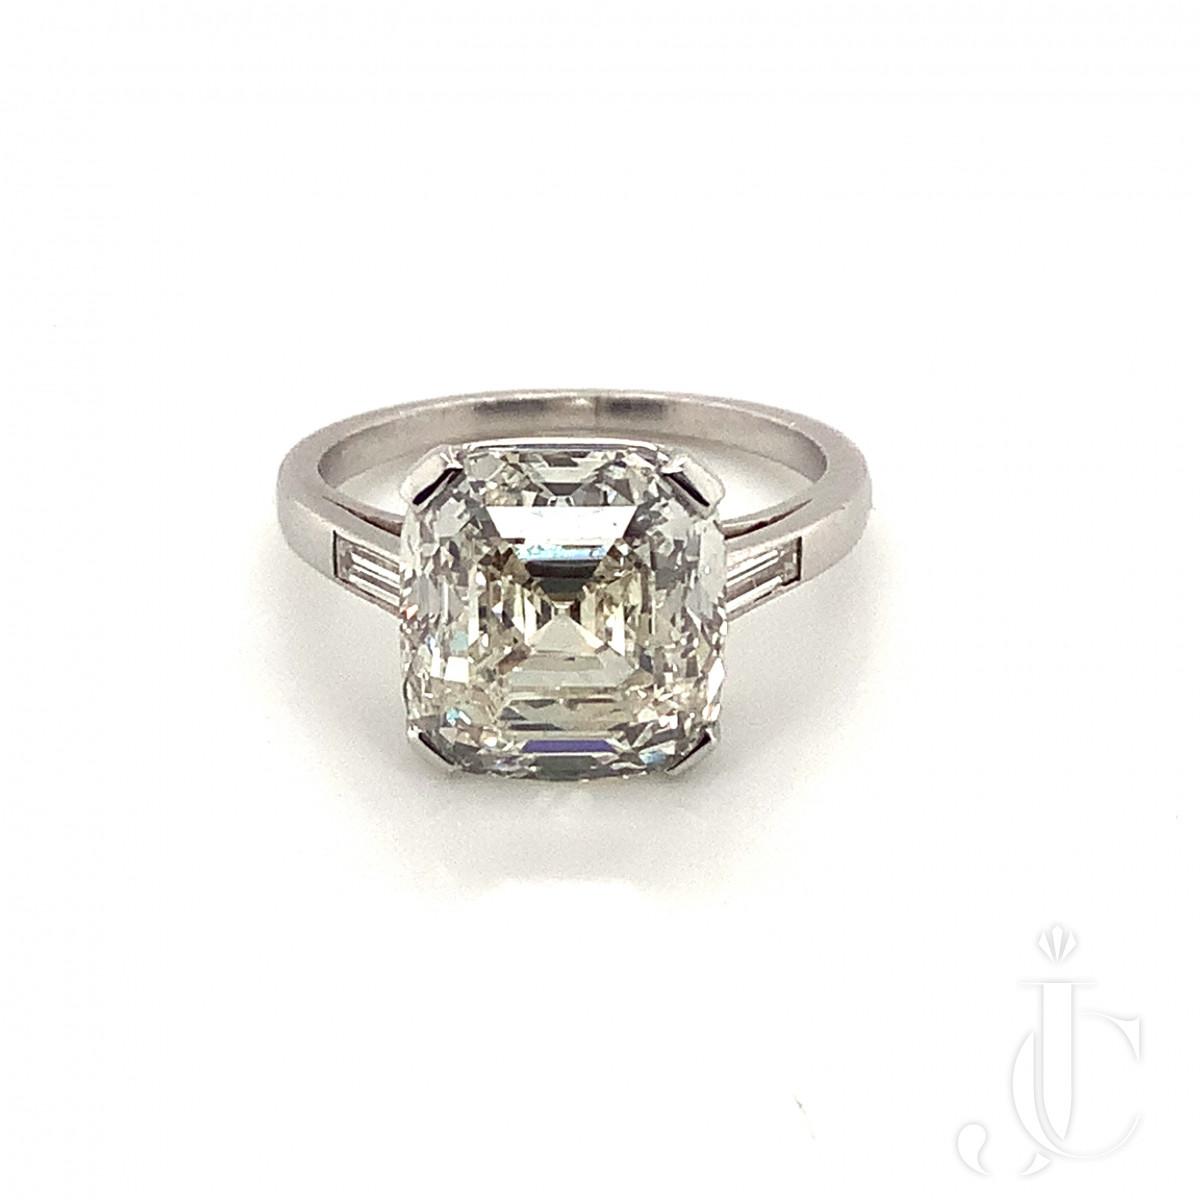 5.24ct Round-Cornered Ascher Cut Diamond Ring